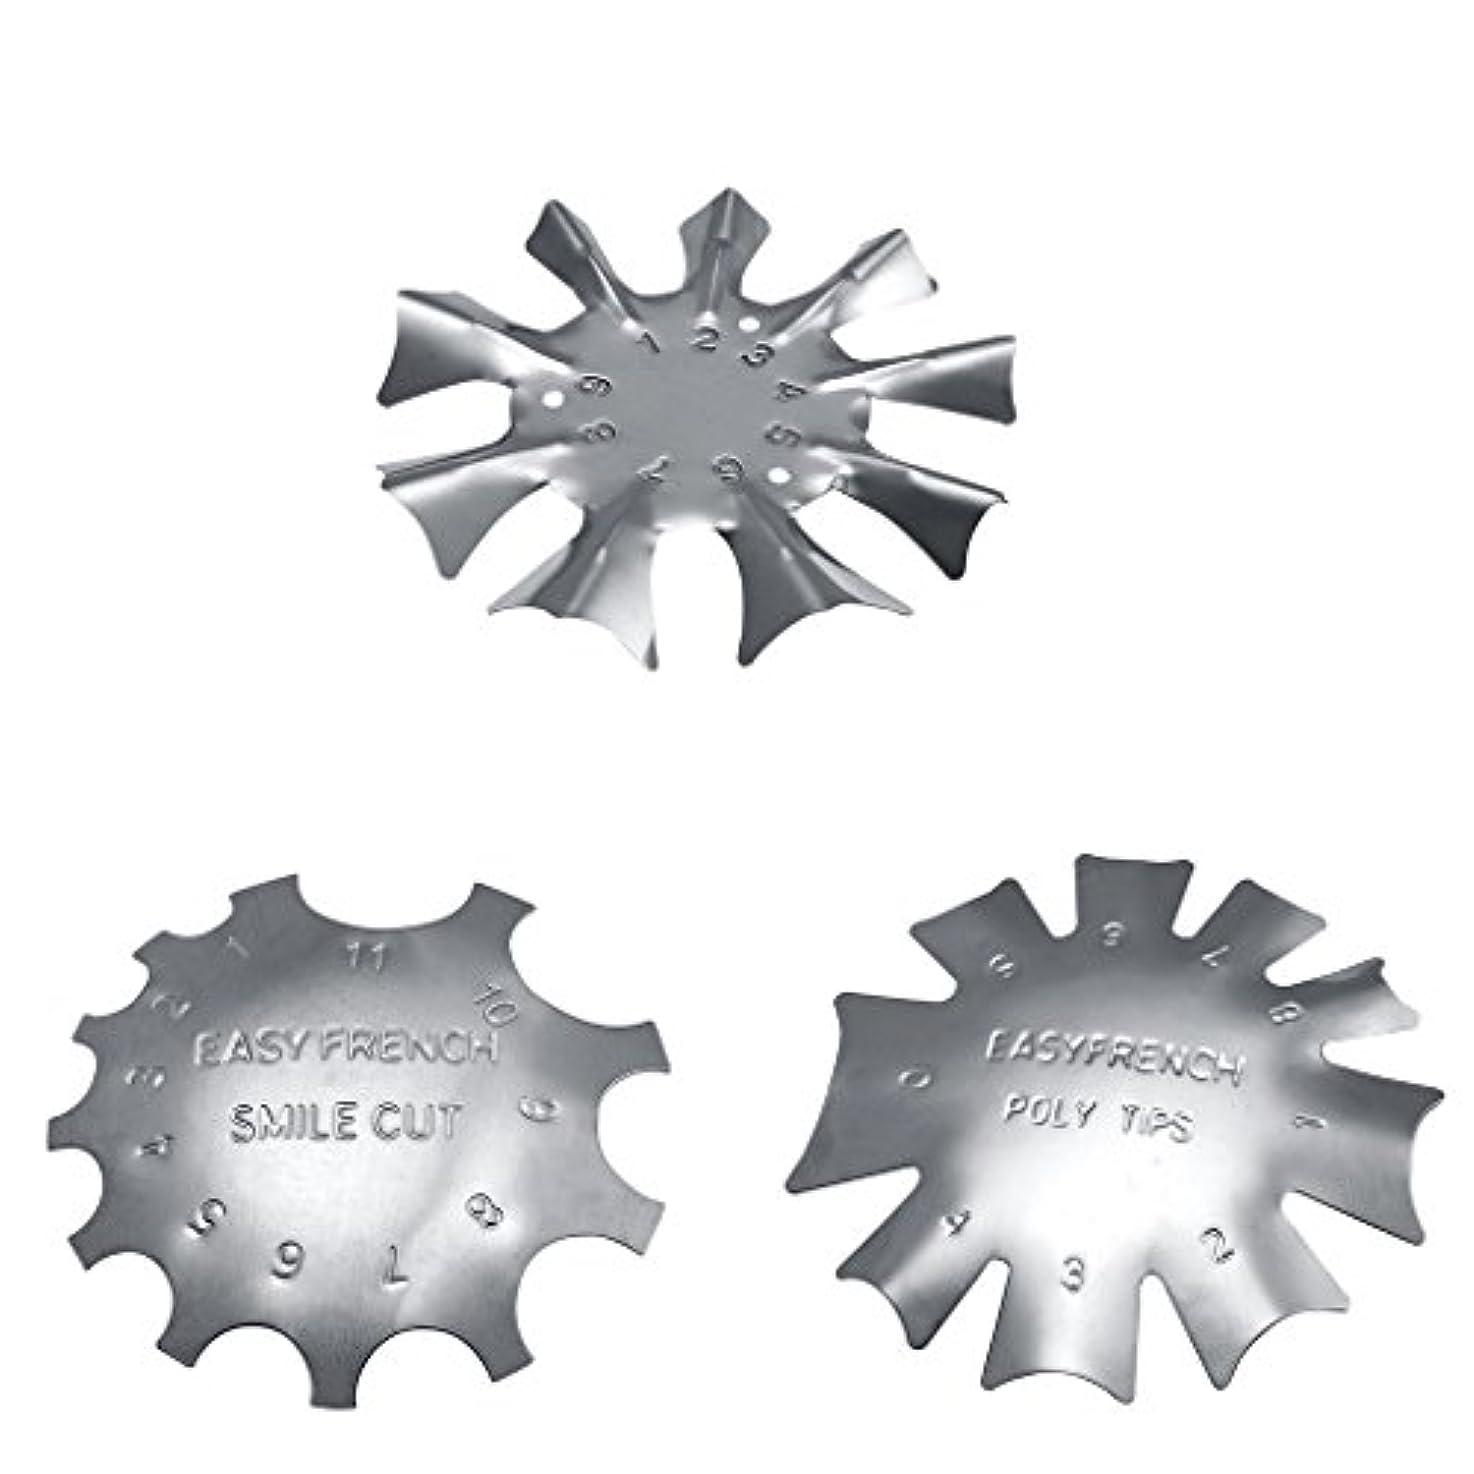 ネックレスシェードカカドゥToygogo 3スタイル簡単フレンチスマイルカットラインエッジトリマーマニキュアネイルアートステンシルテンプレートツール耐久性のあるステンレス鋼